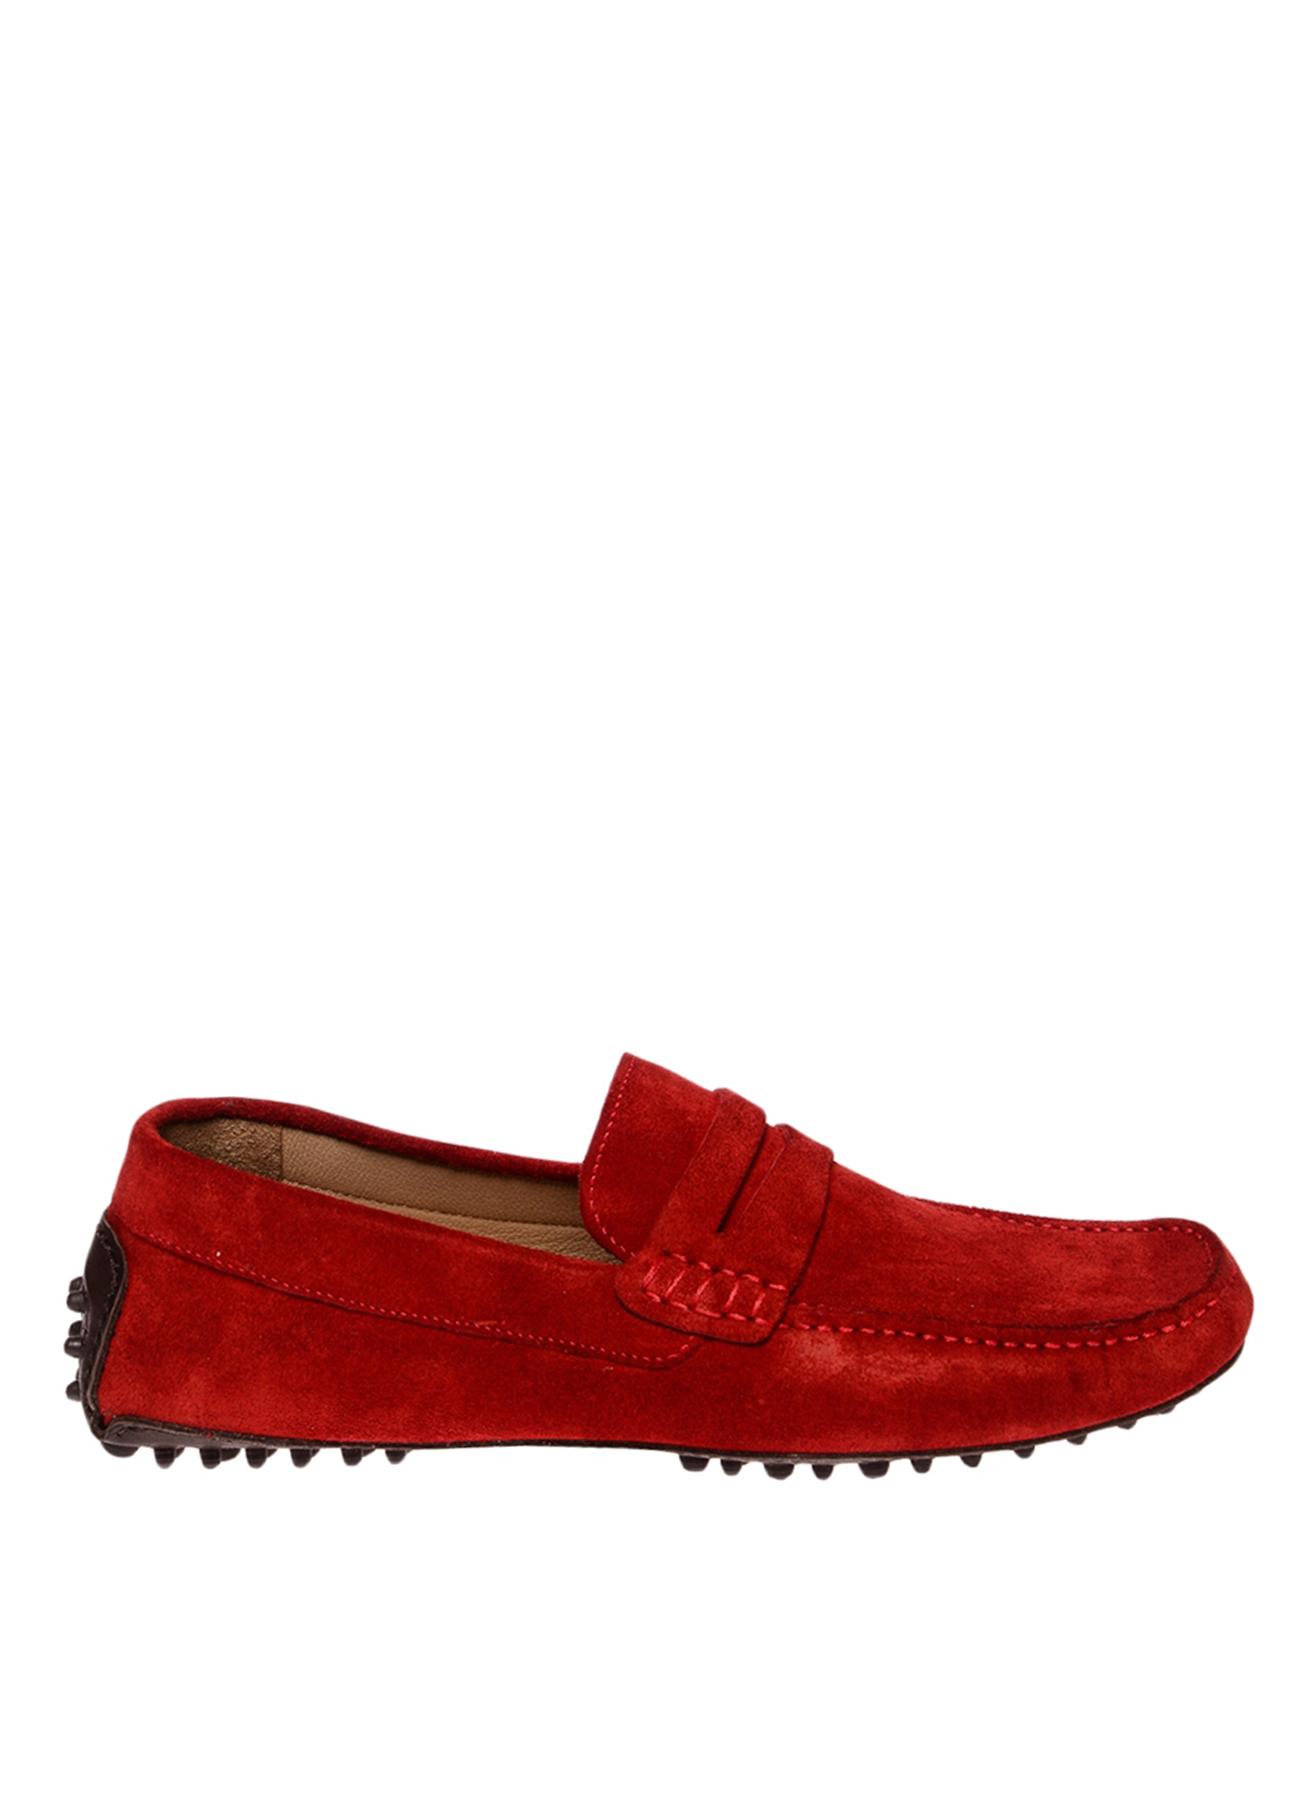 Penford Günlük Ayakkabı 42 5000095349003 Ürün Resmi